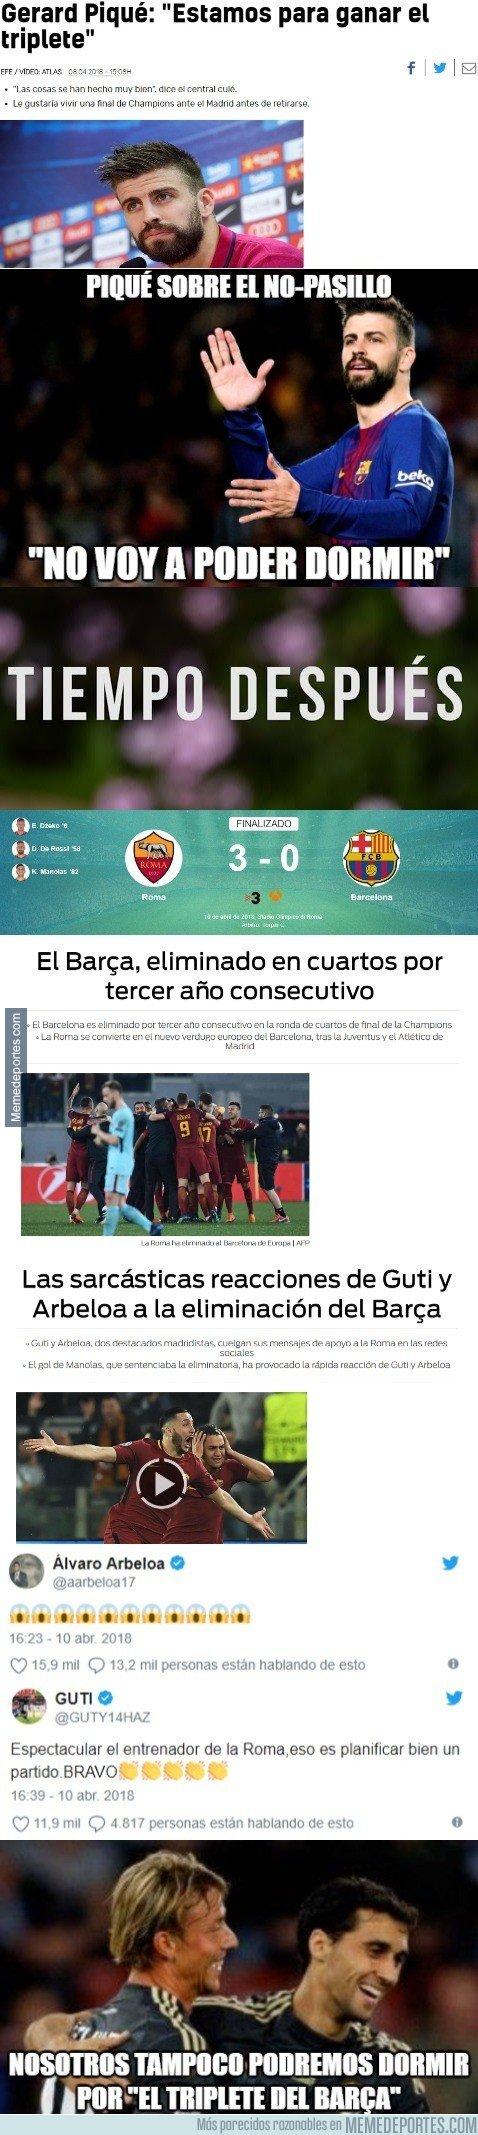 1029439 - Los tweets de Arbeloa y Guti haciendo fuego de la derrota del Barça